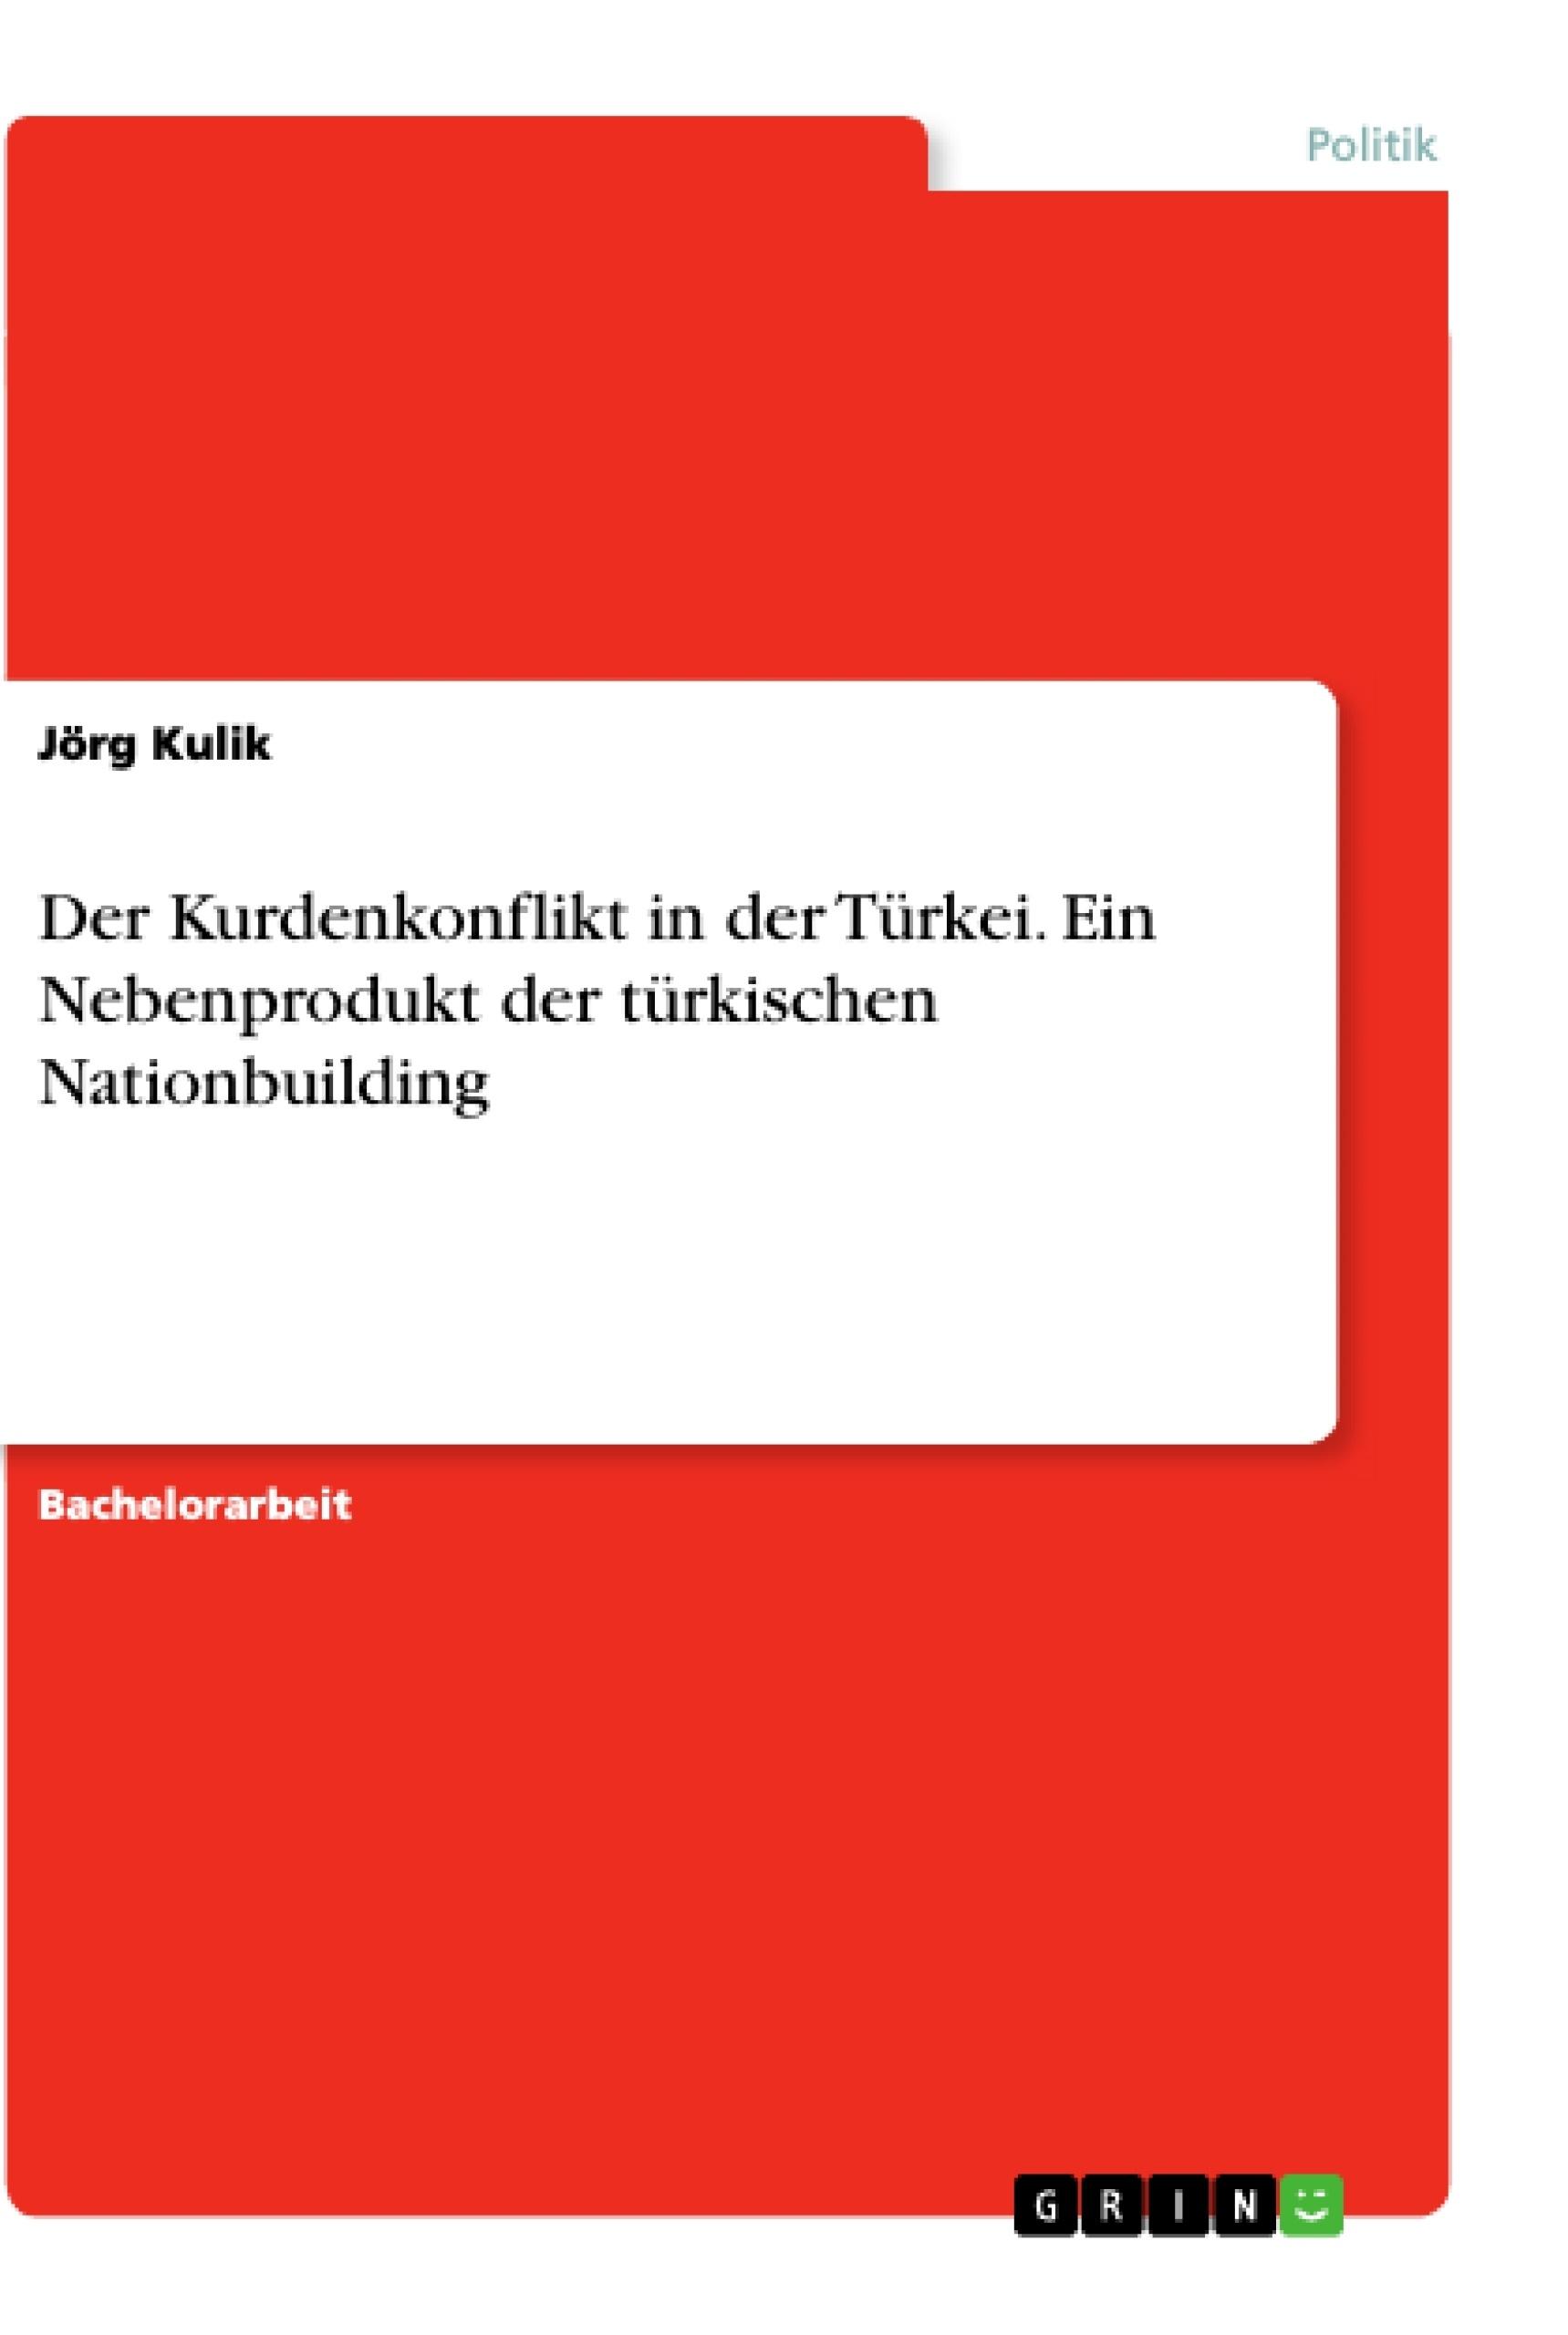 Titel: Der Kurdenkonflikt in der Türkei. Ein Nebenprodukt der türkischen Nationbuilding